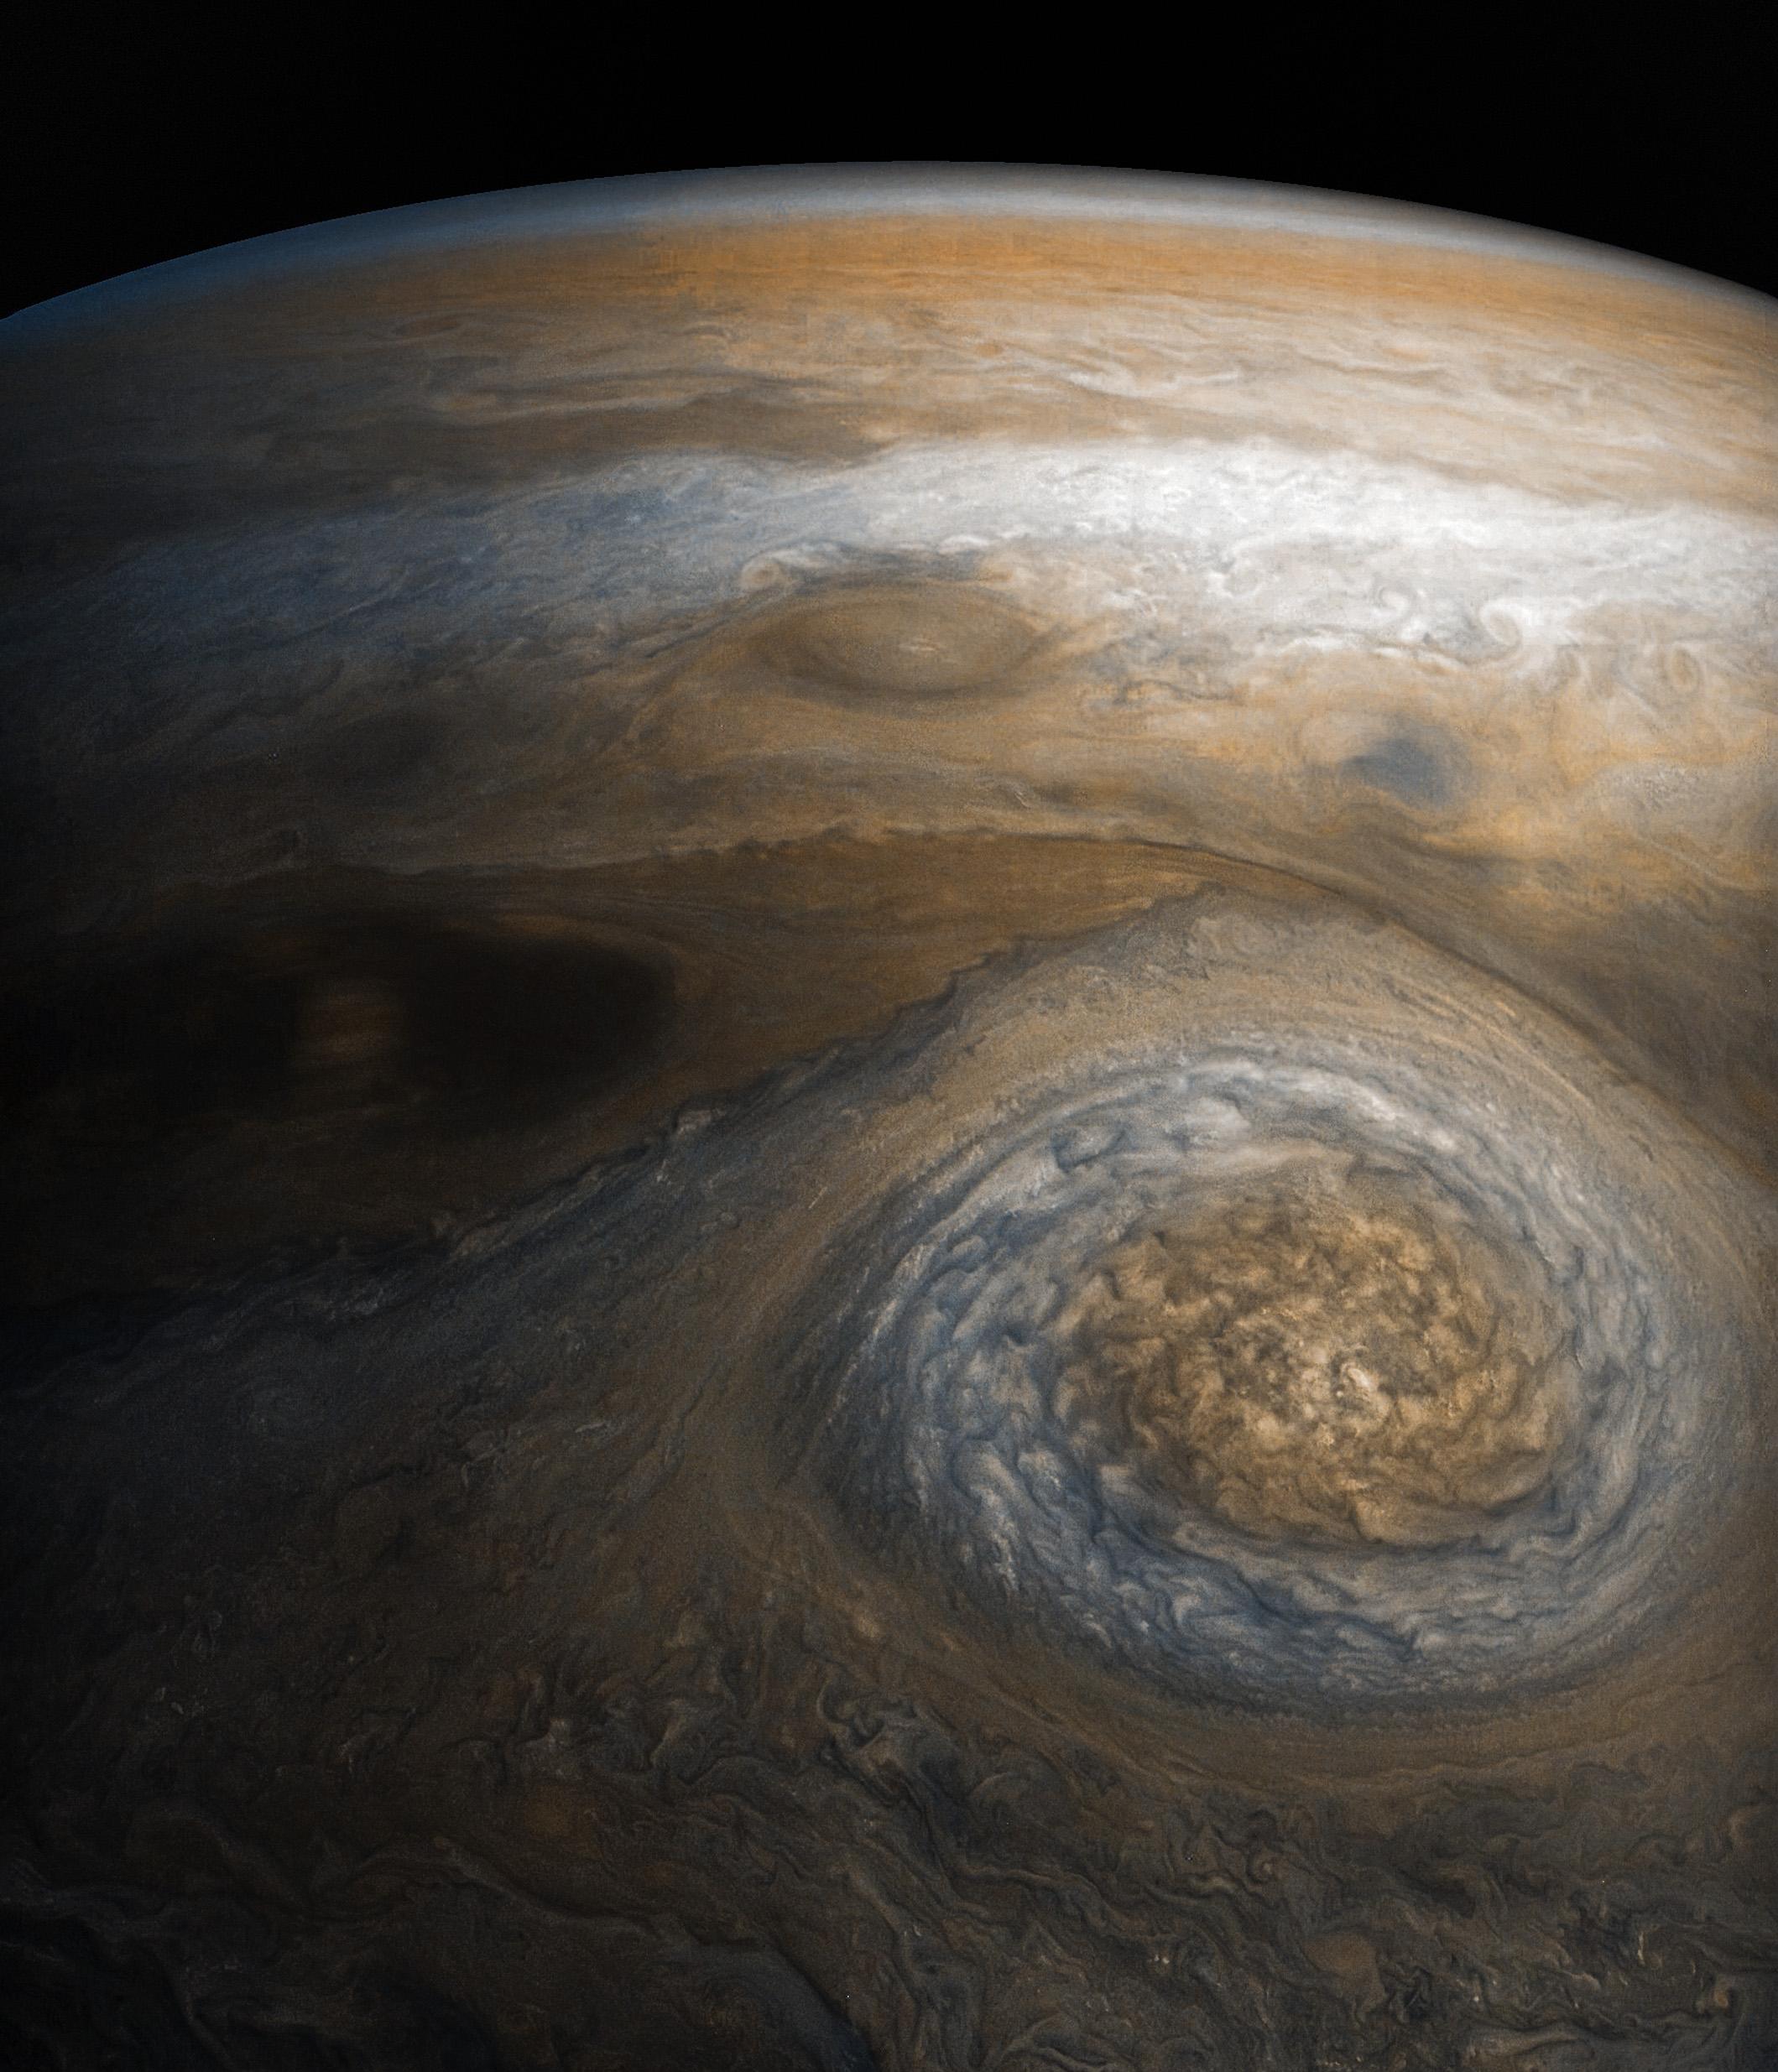 Малое красное пятно Юпитера. Снимок сделан 10 июля 2017 года.